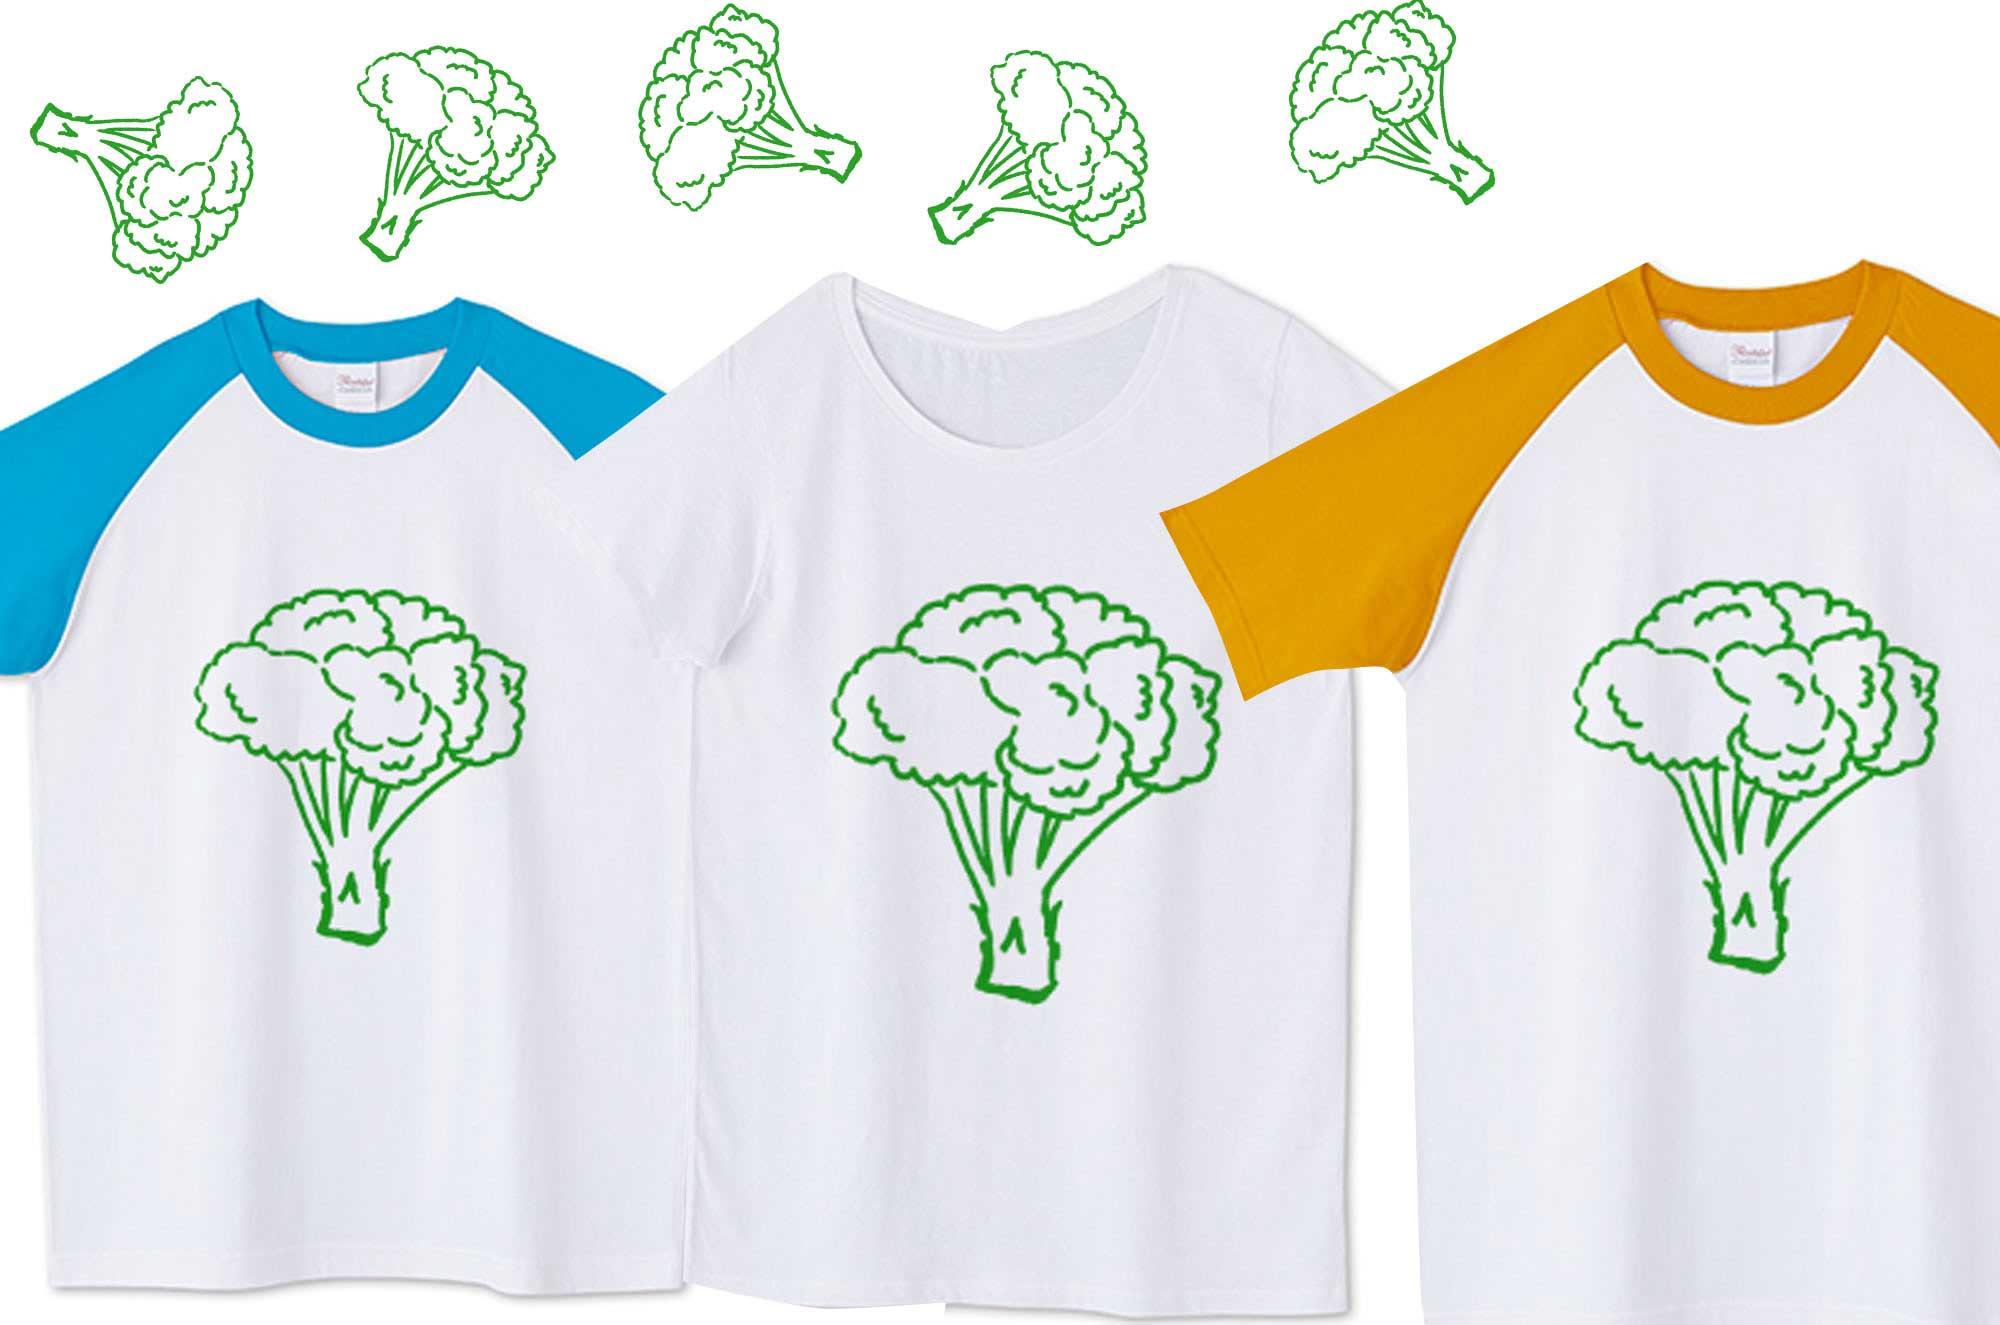 ブロコリーTシャツ - おもしろ野菜イラストデザイン